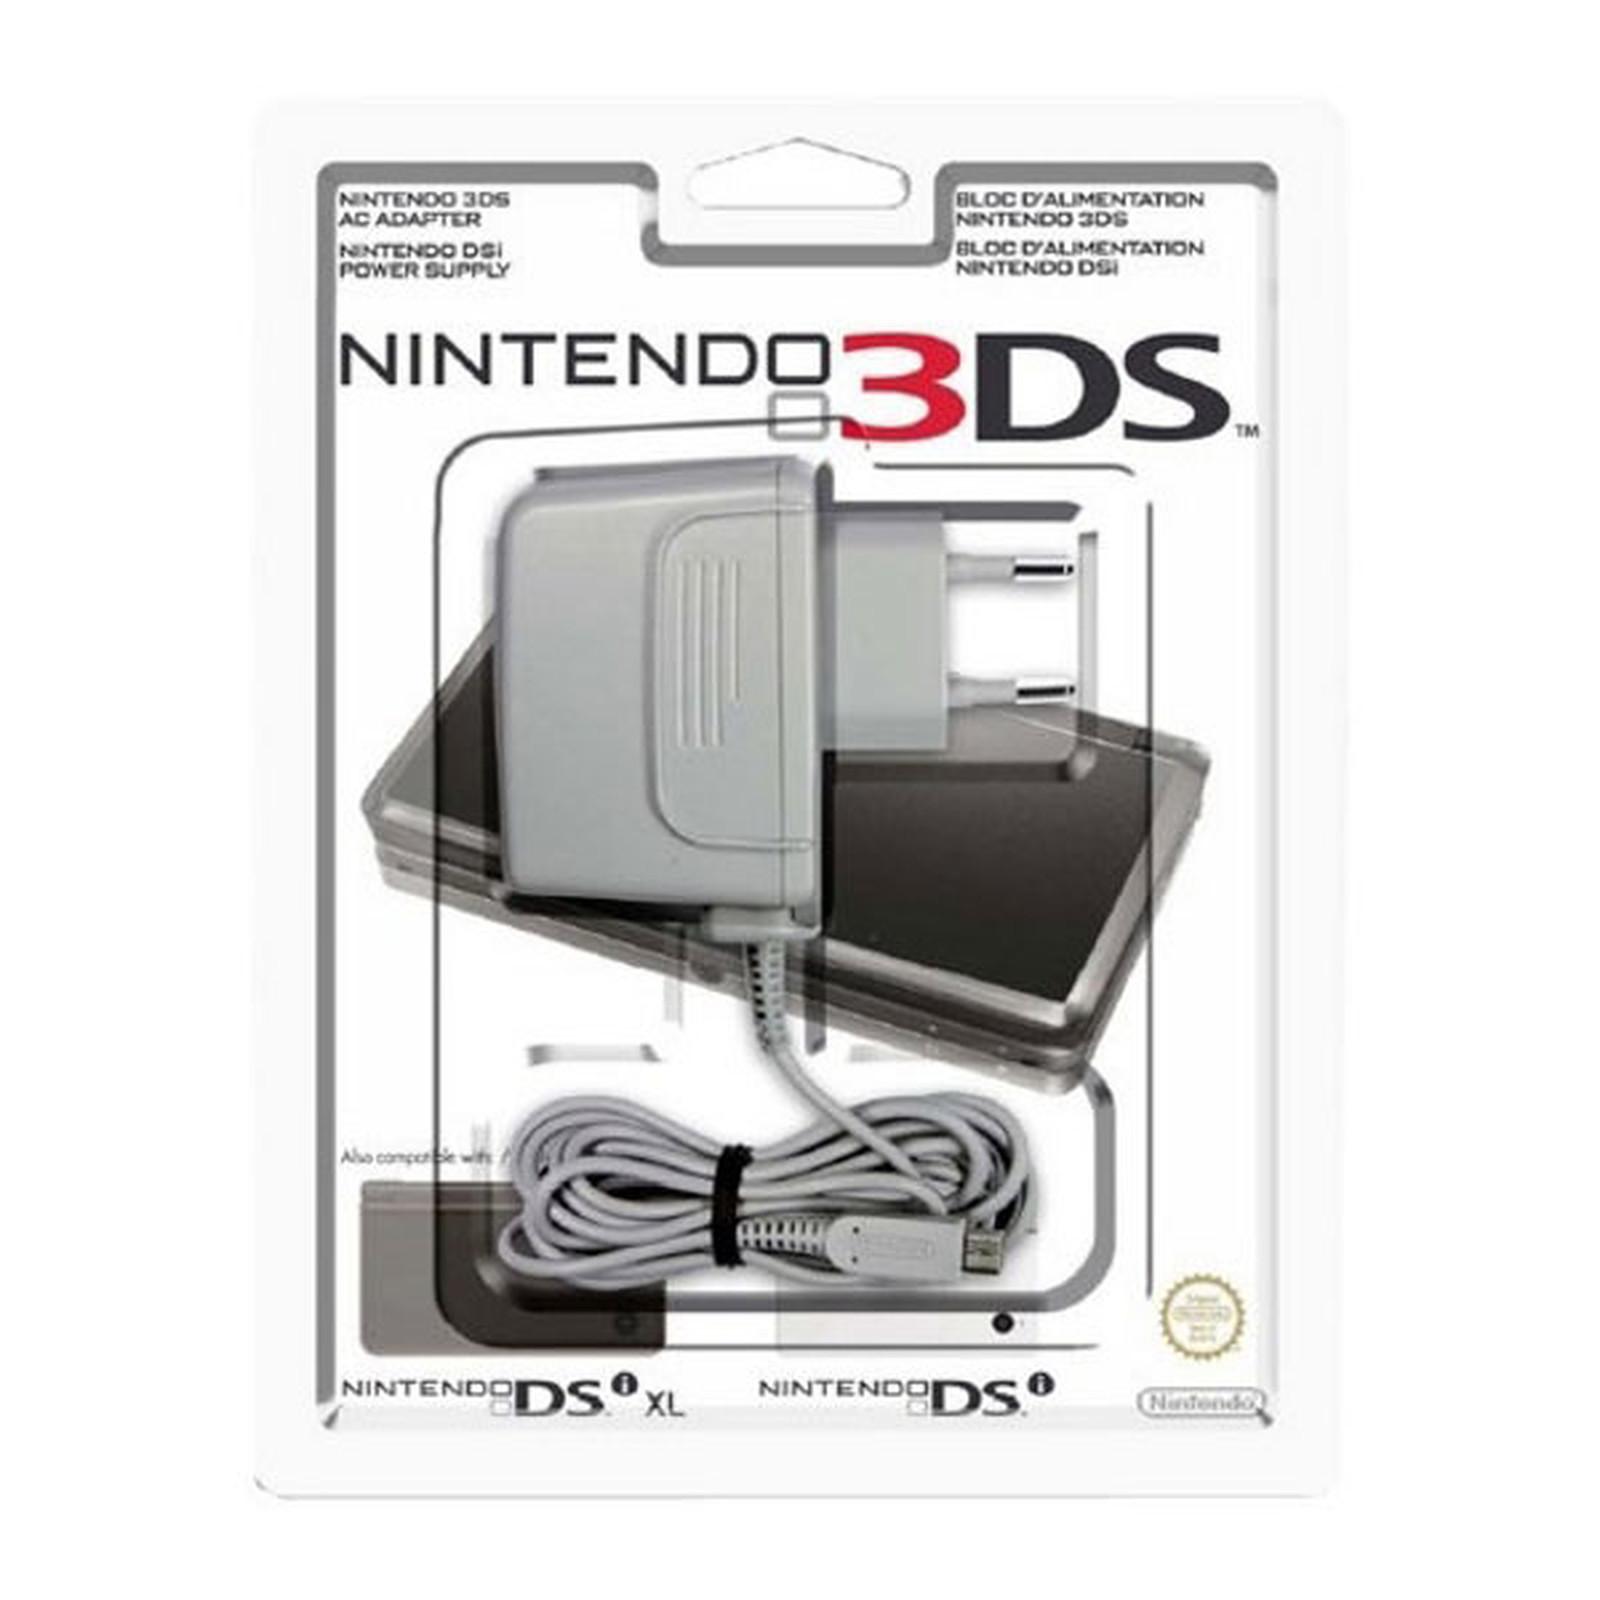 Nintendo bloc d'alimentation para 3DS/DSi/DSi XL/New 3DS et New 3DS XL